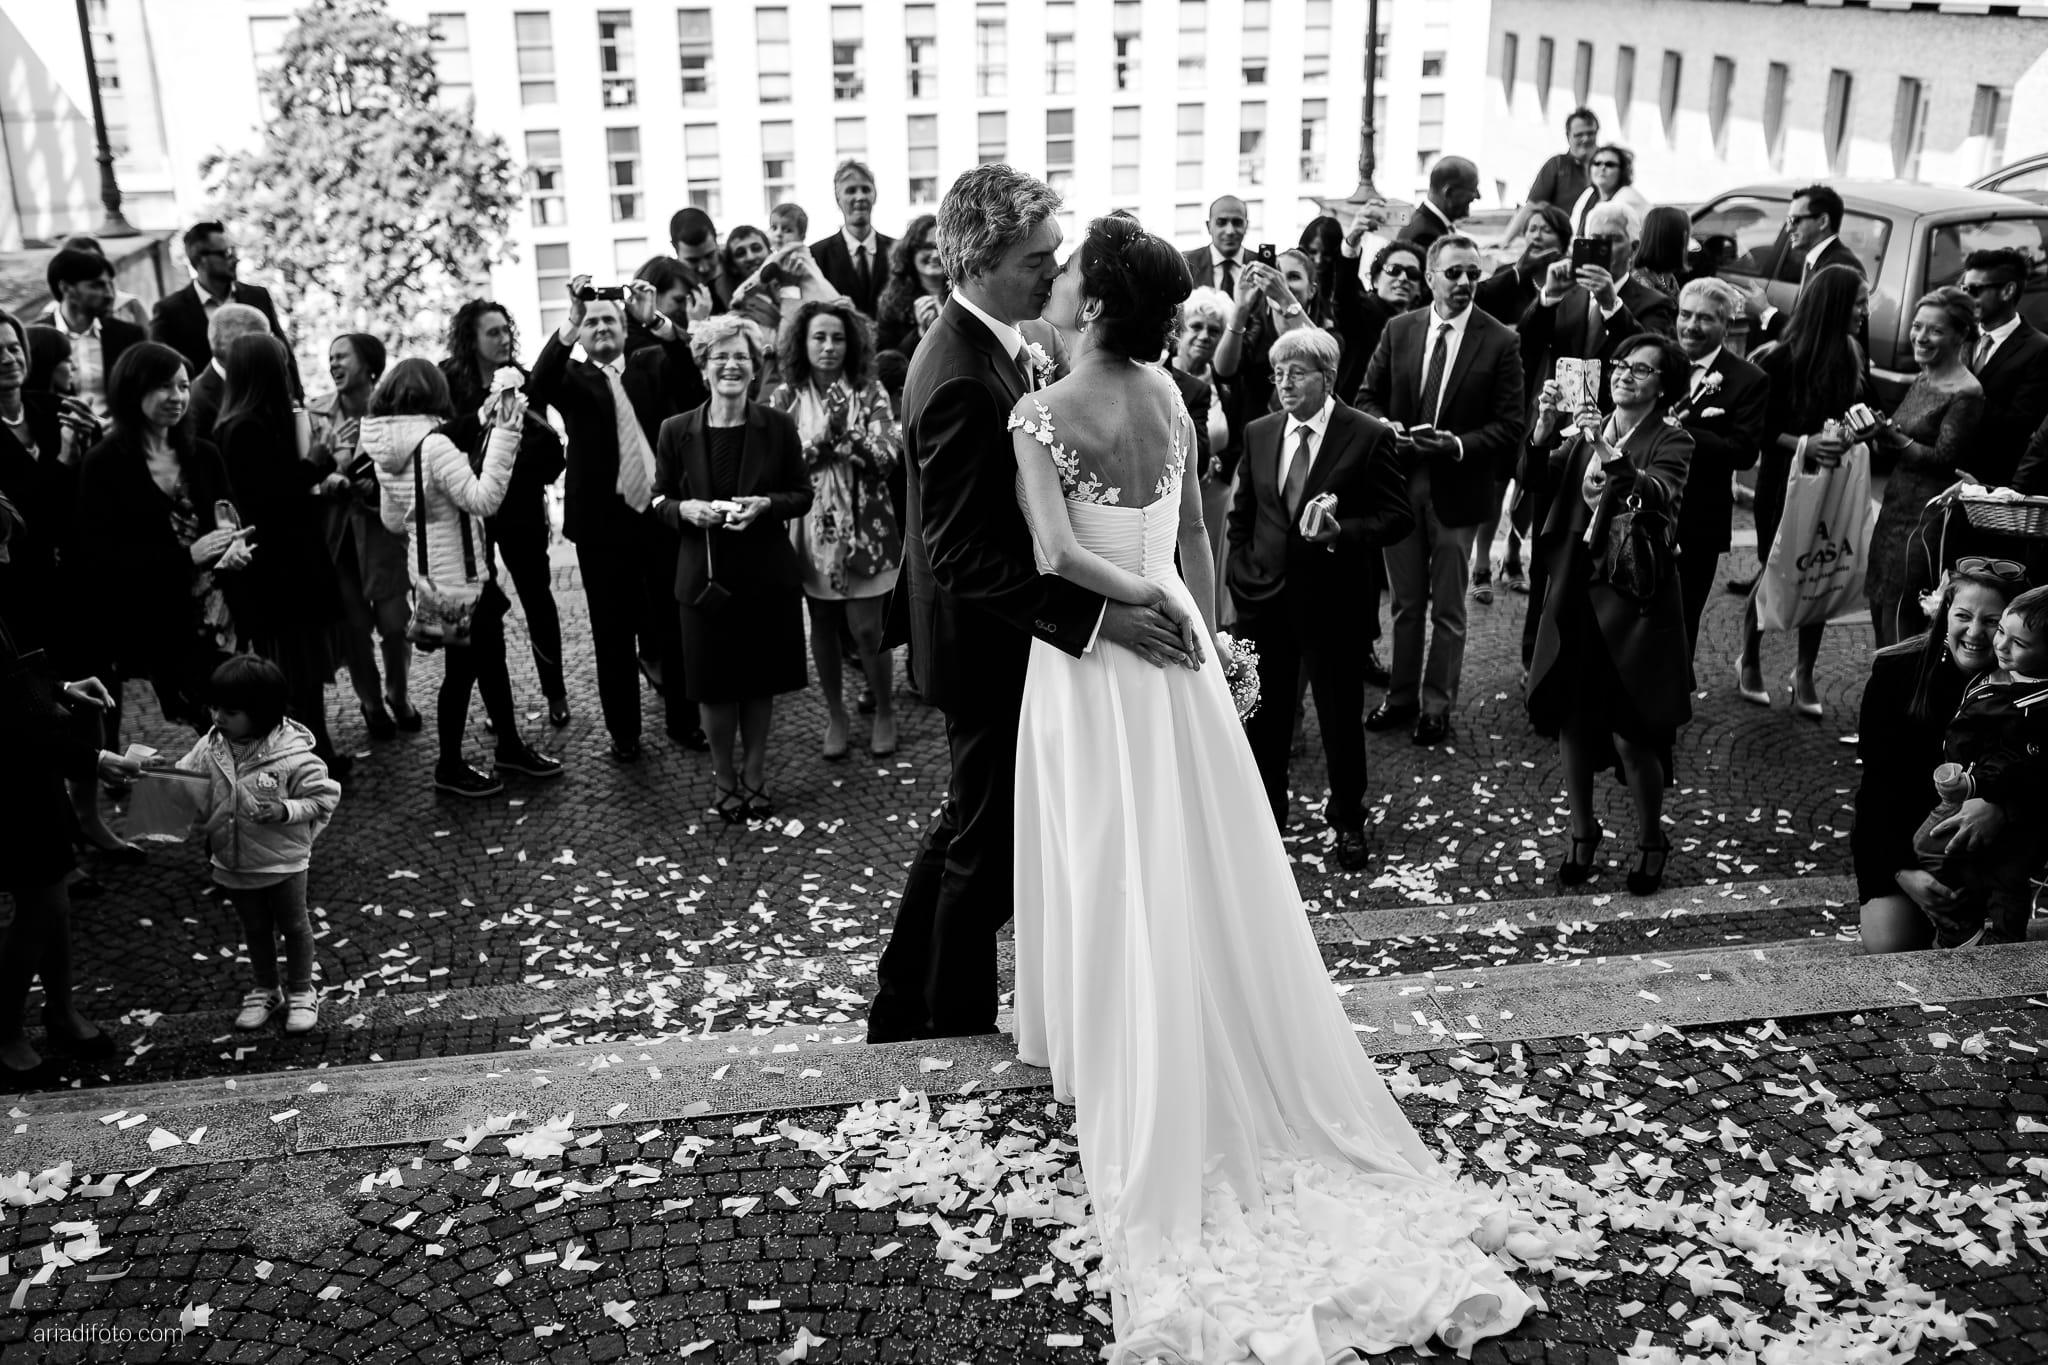 Tatiana Marco Matrimonio Trieste Baronesse Tacco San Floriano Collio Gorizia cerimonia cattolica Chiesa di Santa Maria Maggiore lancio del riso